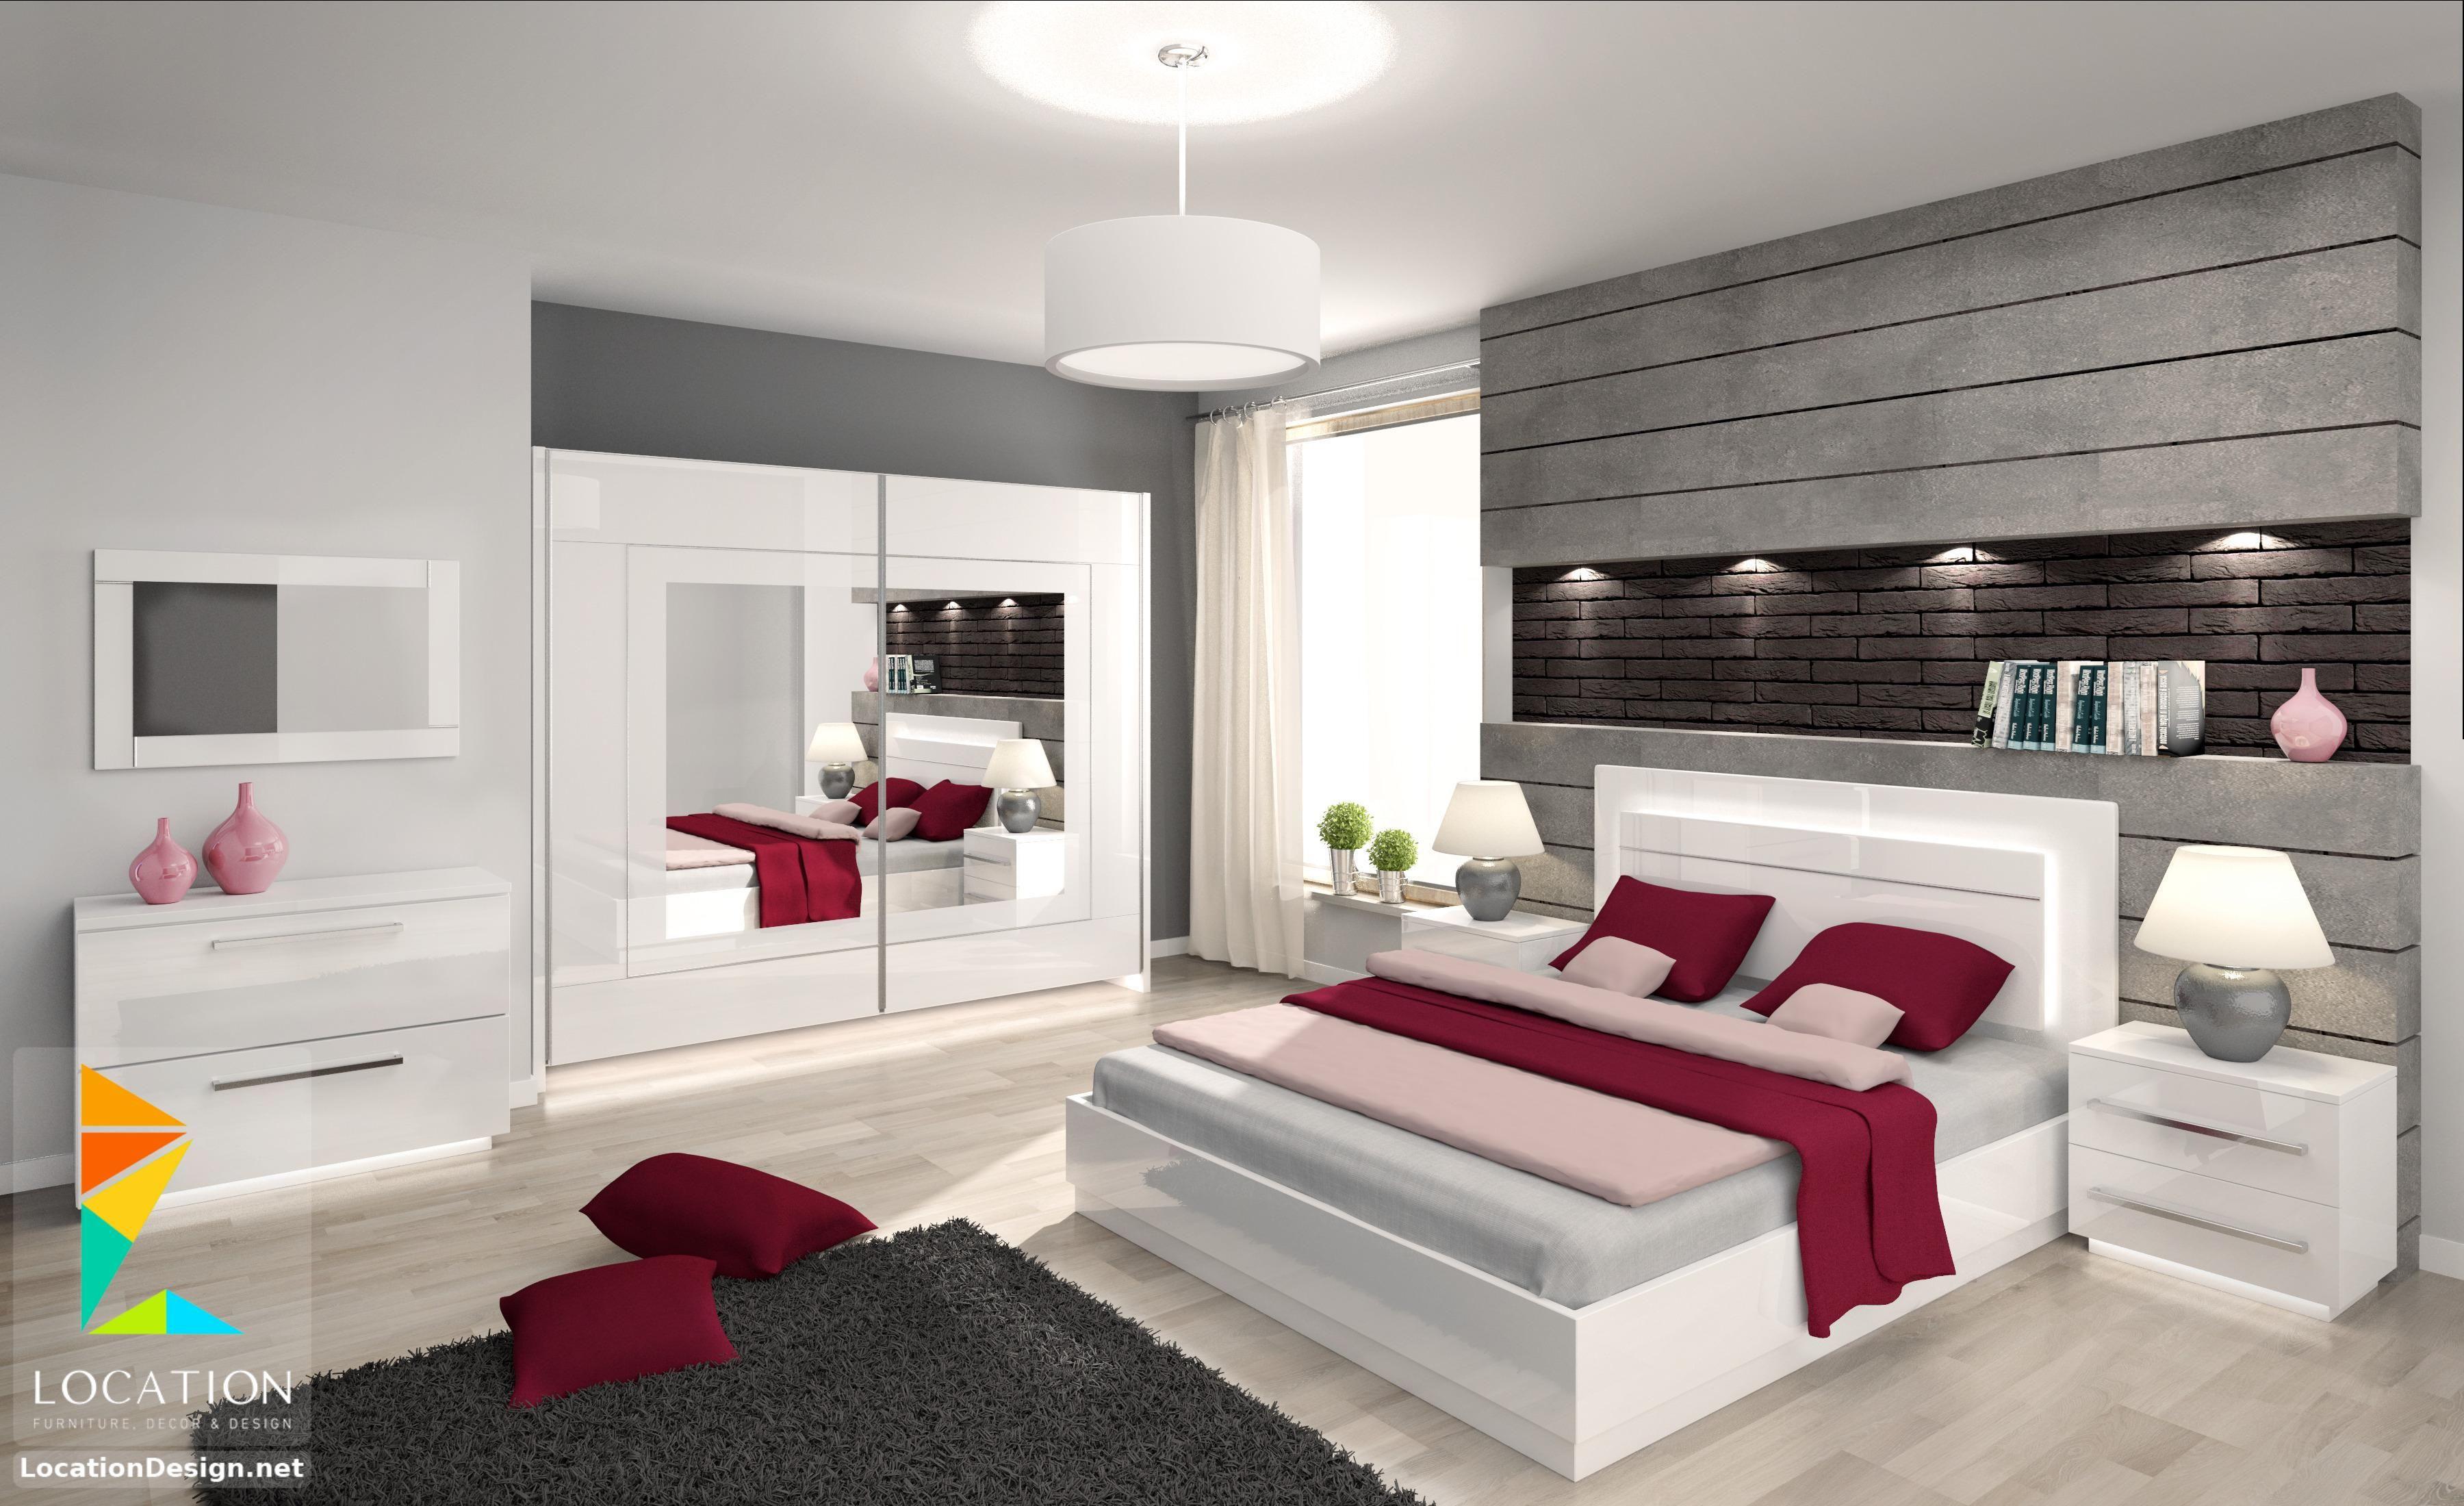 اشكال غرف نوم كاملة بالدولاب جرار 2019 2020 لوكشين ديزين نت Cheap Modern Furniture Bedroom Interior Bedroom